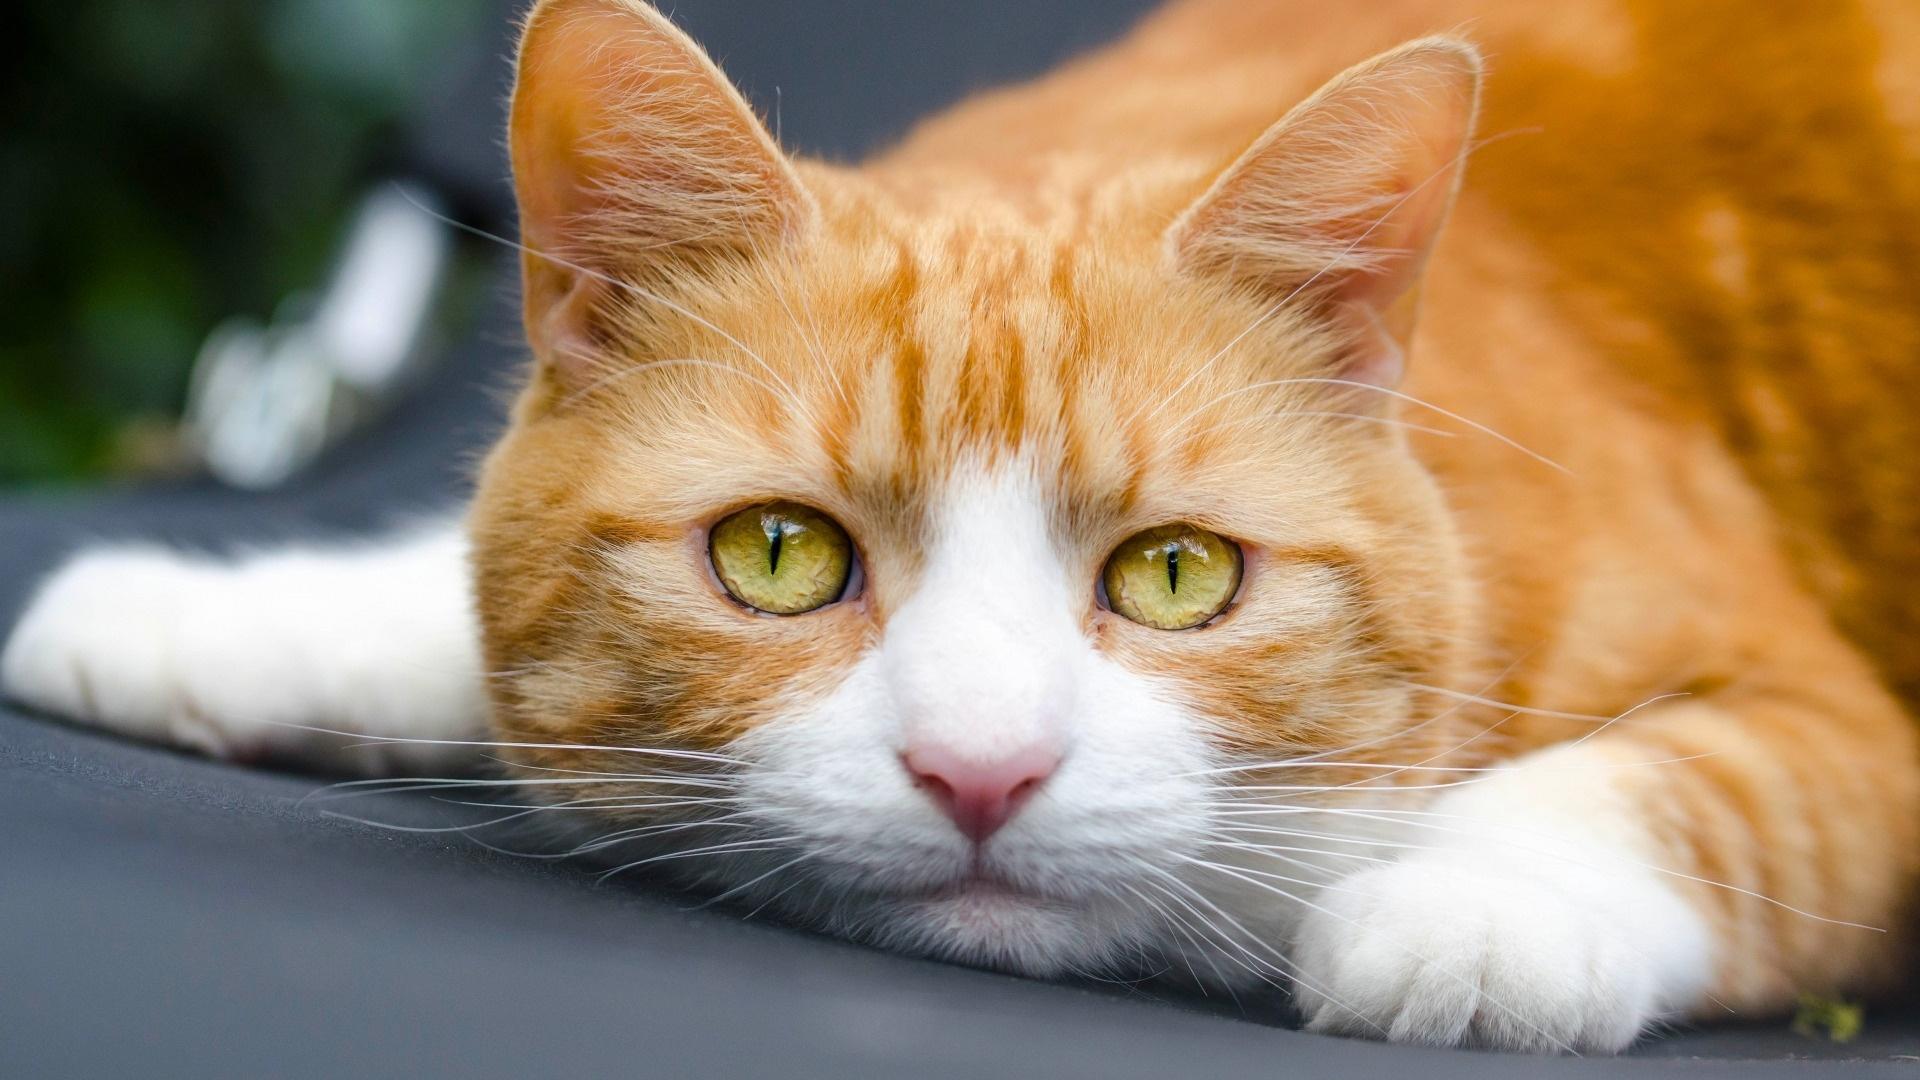 Ginger Cat Wallpaper